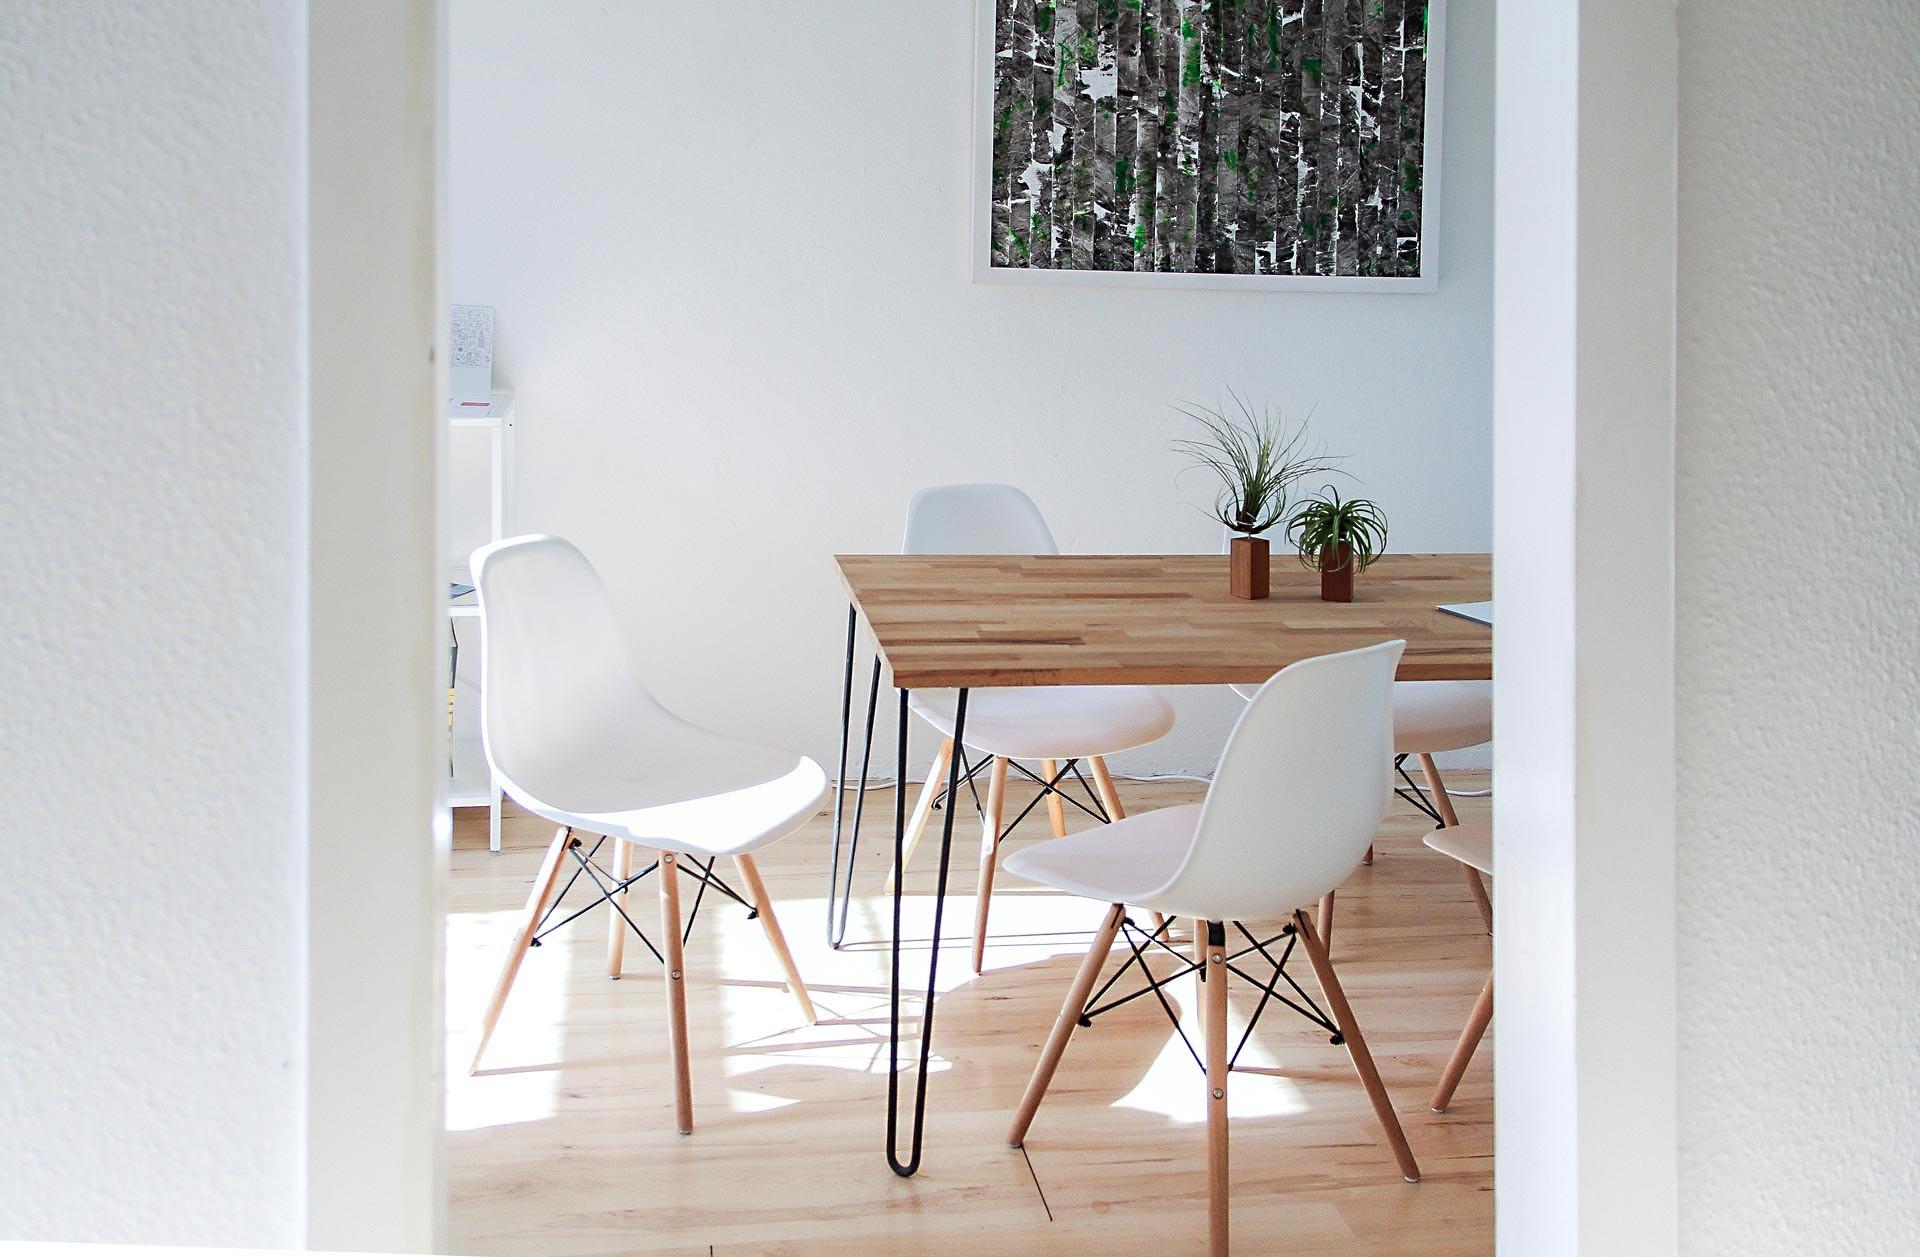 markburg – Studio für Markenbildung & Gestaltung studio